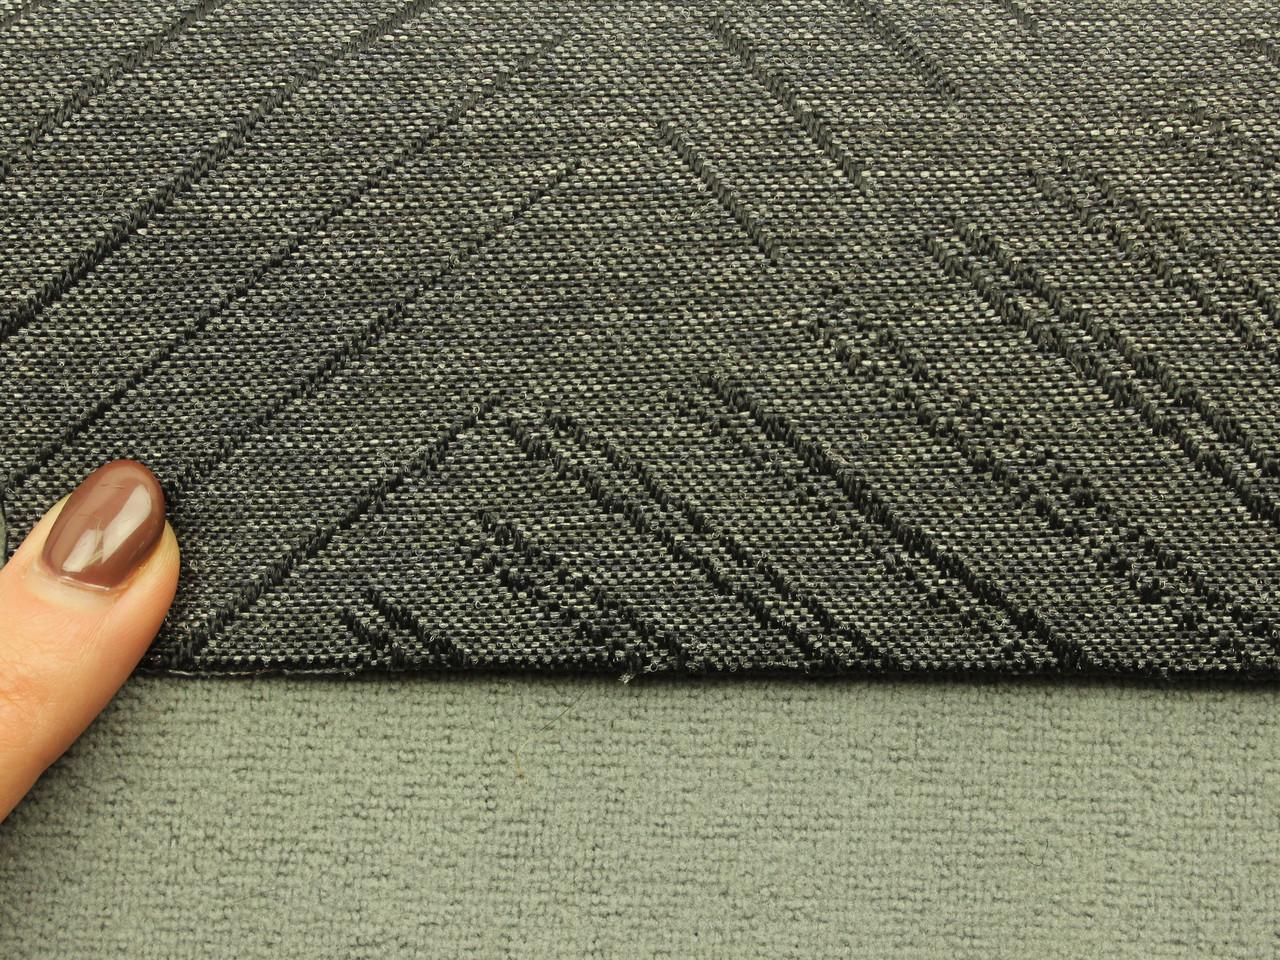 Автоткань для сидений, для центральной части, цвет графит, на поролоне (сетка), Польша